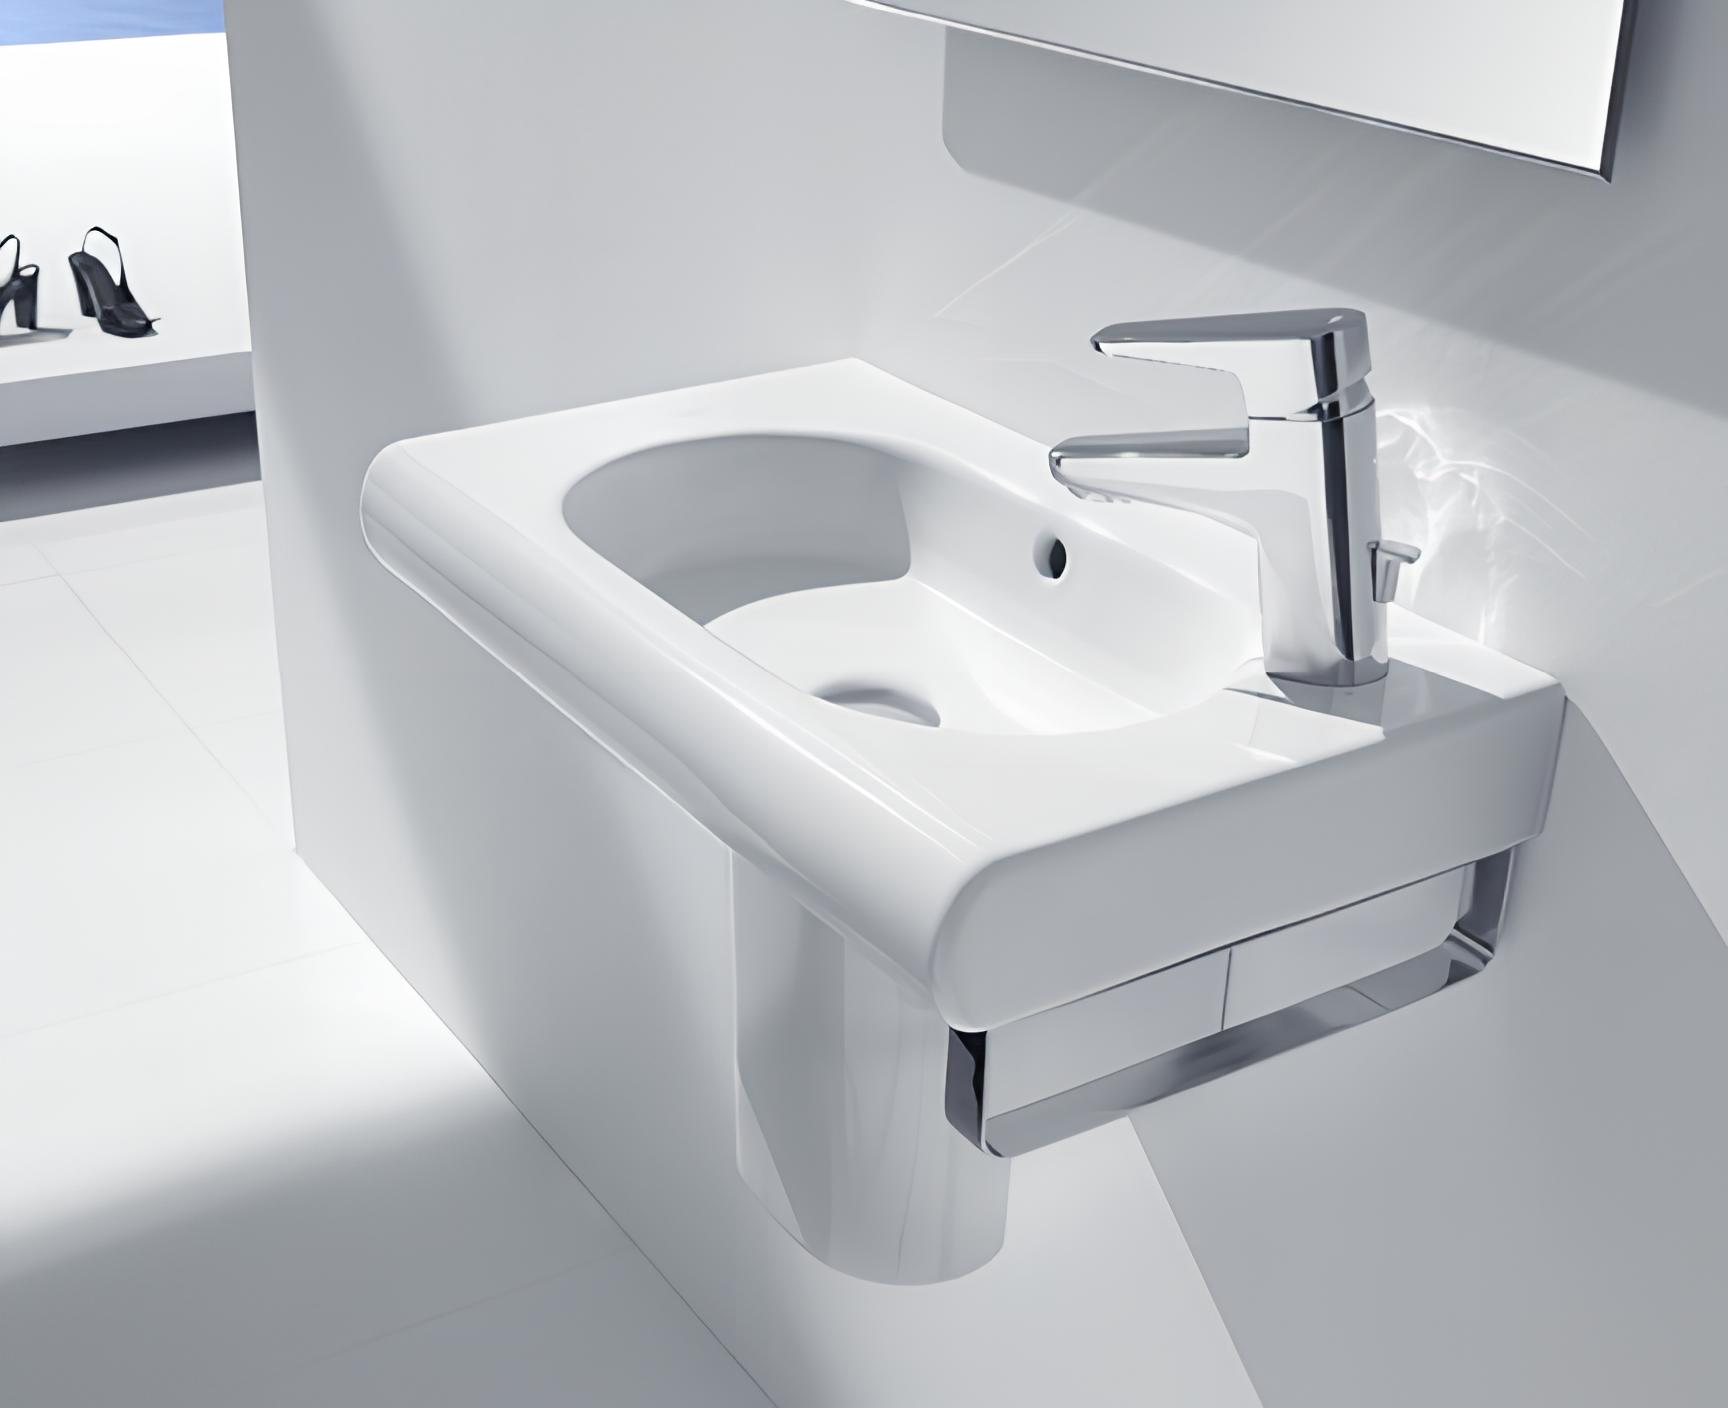 waschbecken h ngend 550 x 320 mm ffnung f r die armatur rechts perfecto design. Black Bedroom Furniture Sets. Home Design Ideas